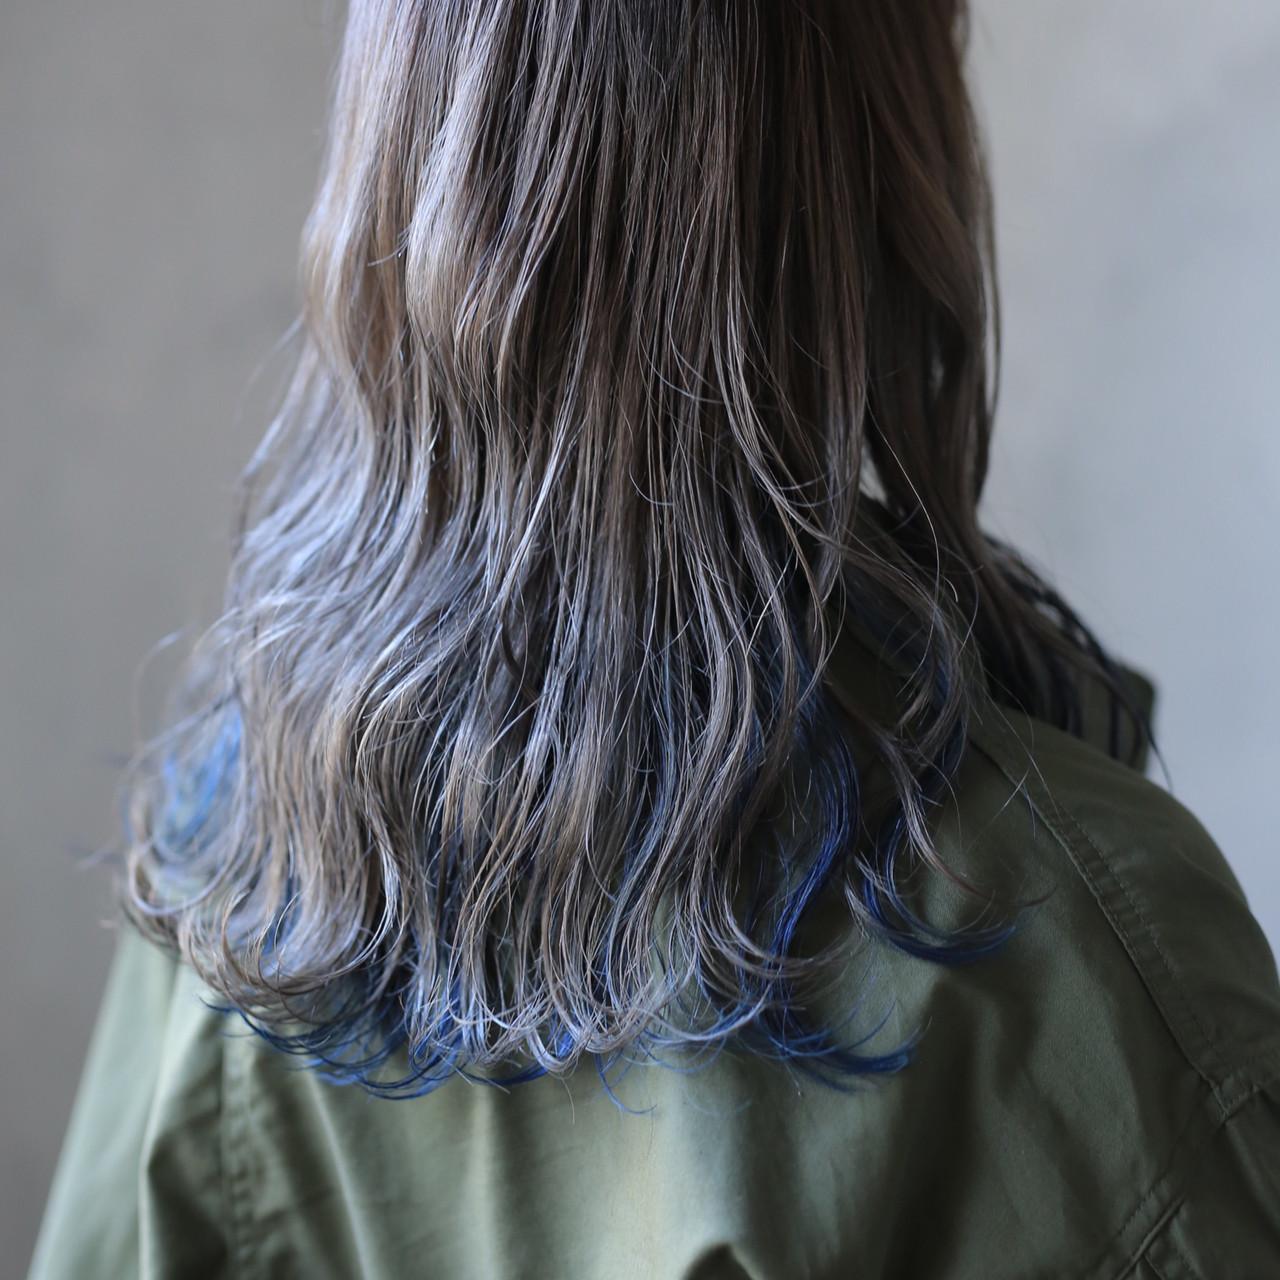 ブレ―×ブルーのモード系グレージュヘア 道具朝美